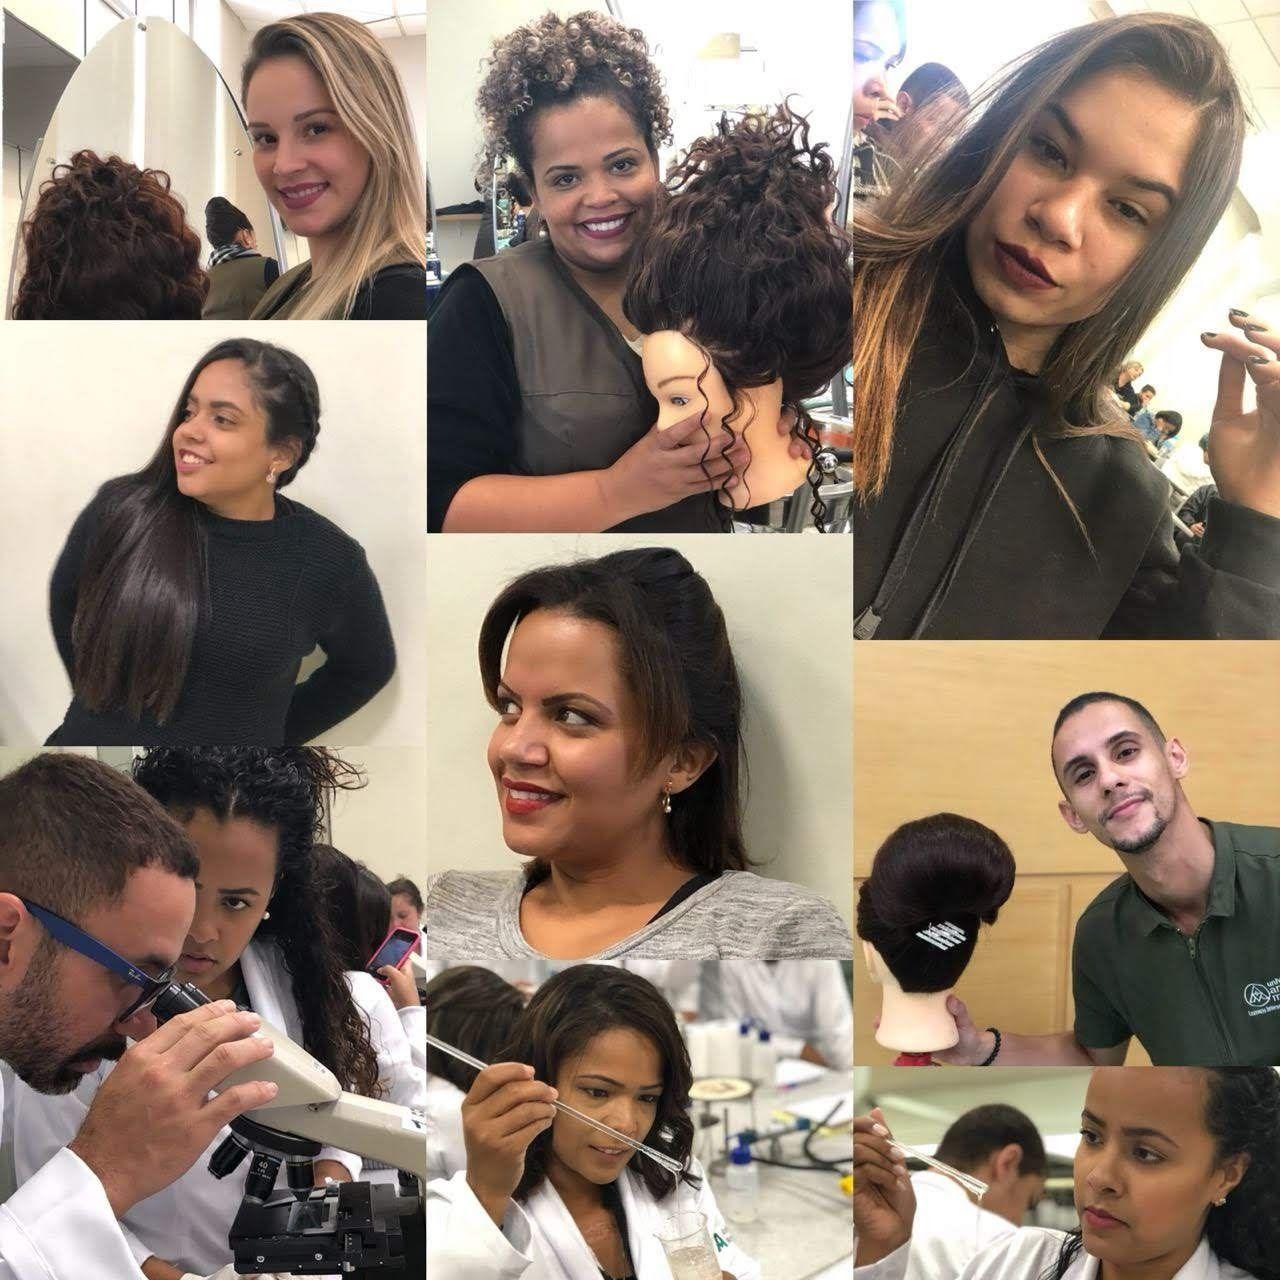 Atualização e referência em conhecimentos vijagismo e terapia capilar saúde e beleza outros stylist / visagista empresário(a) maquiador(a) designer de sobrancelhas dermopigmentador(a) estudante cabeleireiro(a) coordenador(a) consultor(a) estudante (visagista) aromaterapeuta outros